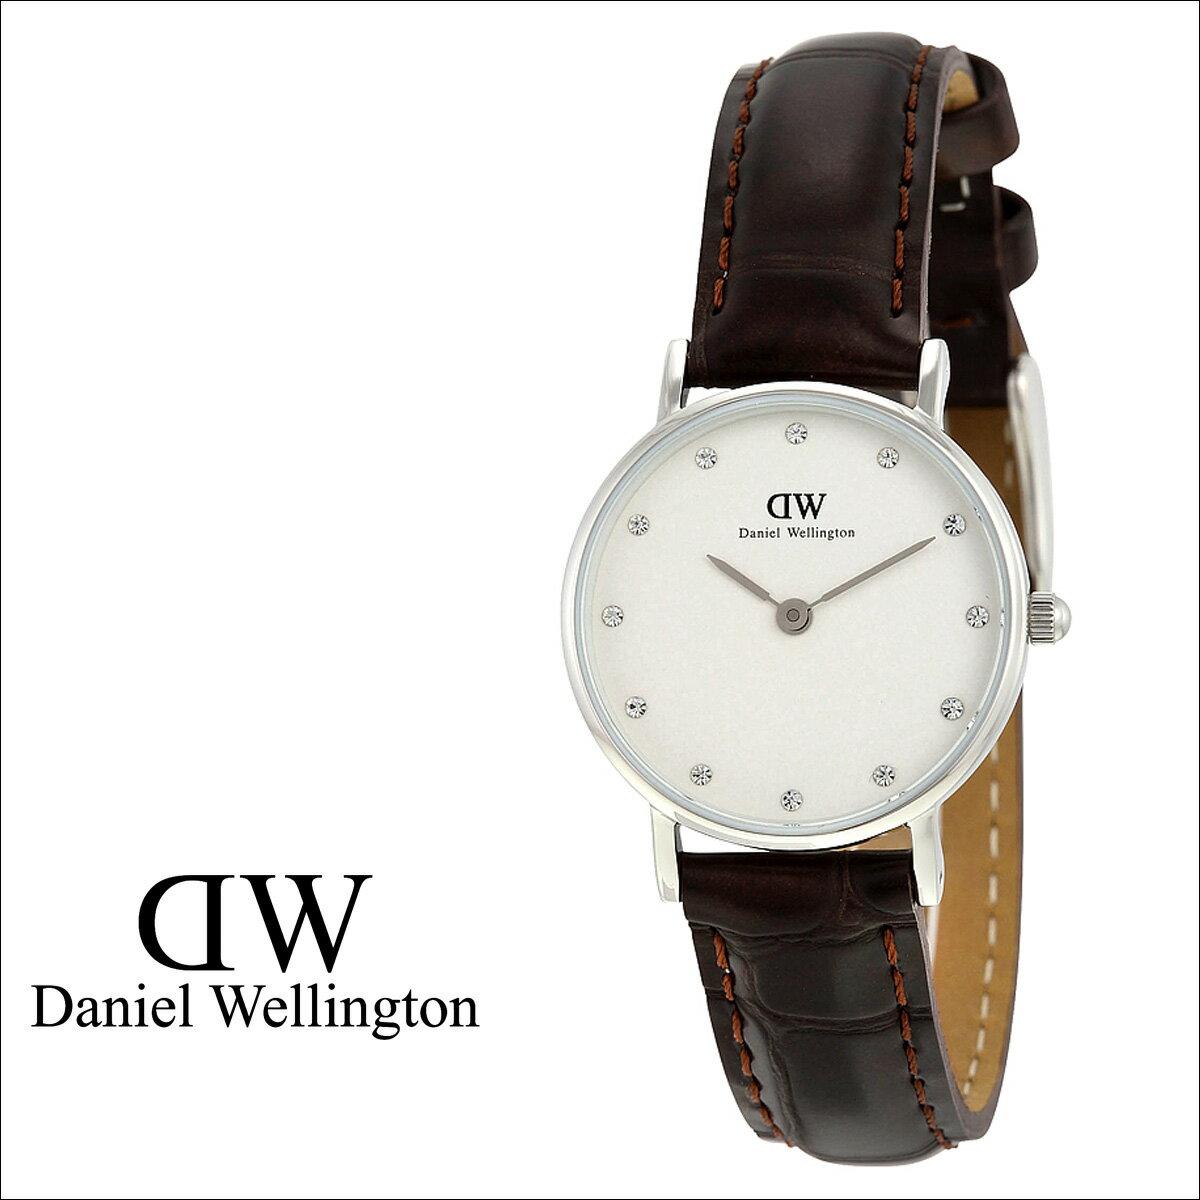 ダニエルウェリントン Daniel Wellington 26mm 腕時計 レディース  0922DW CLASSY YORK  シルバー レザー  送料無料  ダニエル ウェリントン Daniel Wellington 腕時計 26ミリ 正規  通販